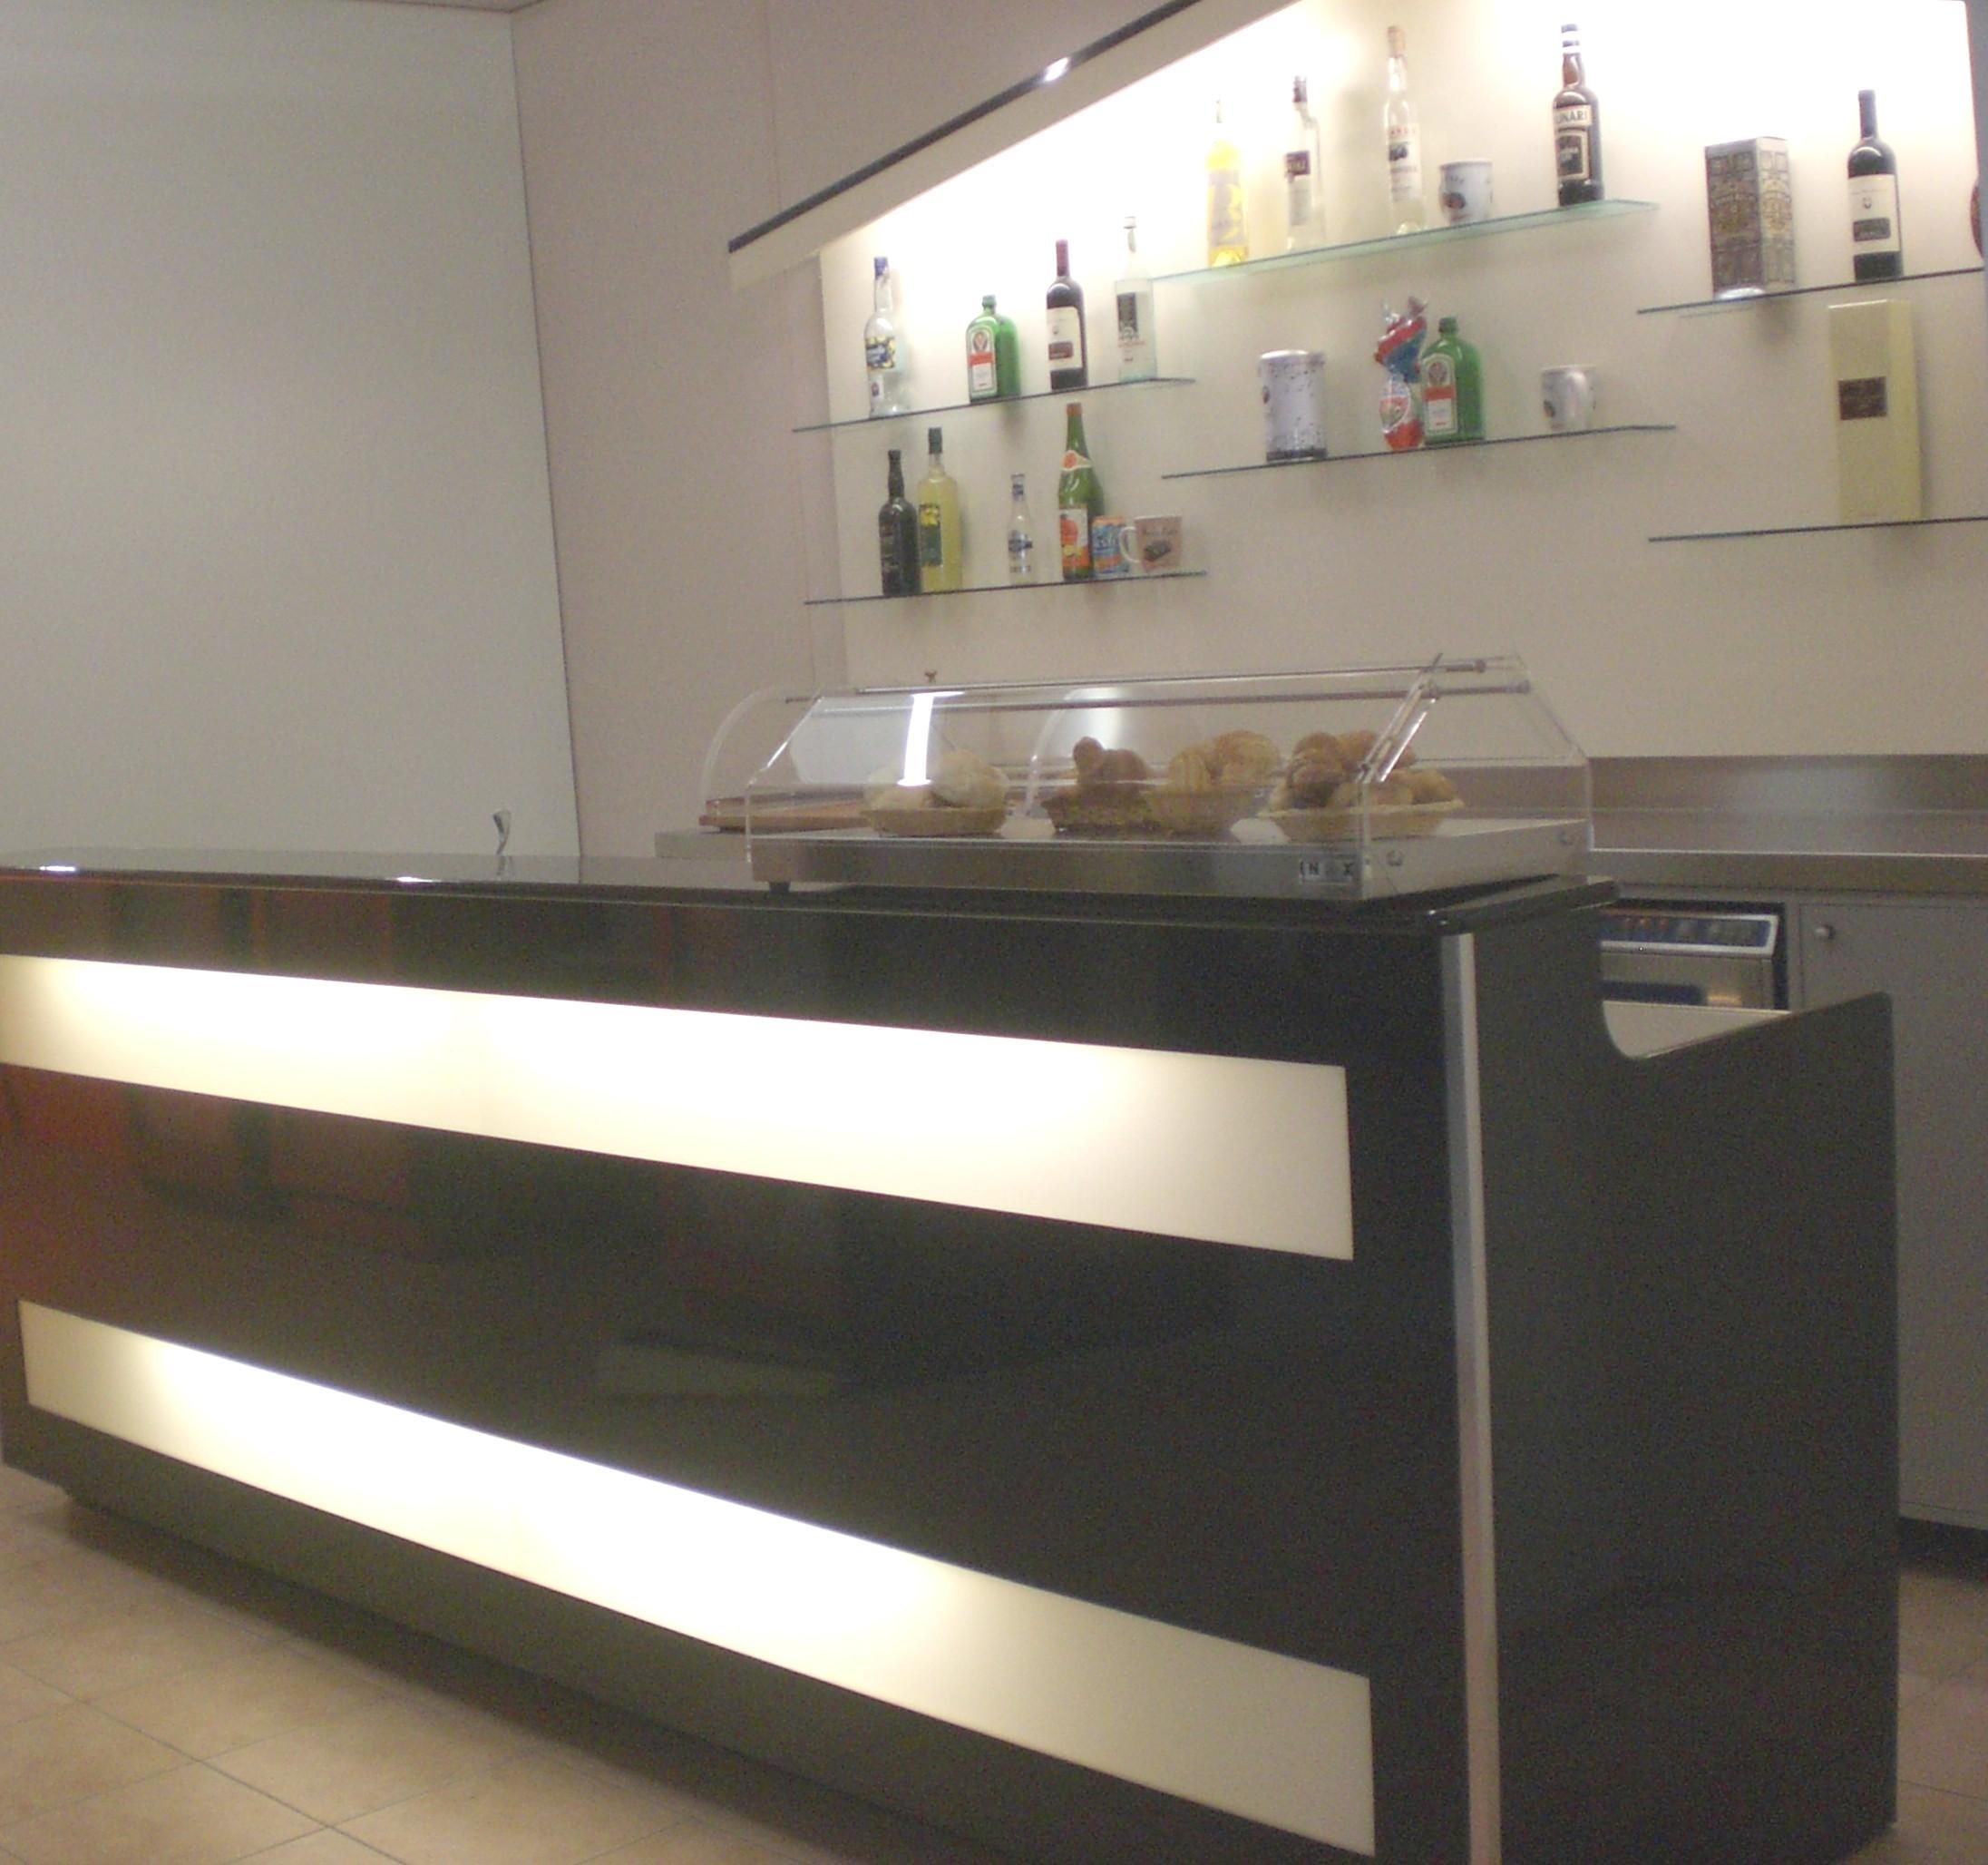 Banchi bar prezzi banchi bar banconi bar banchi frigo for Arredo inox crotone